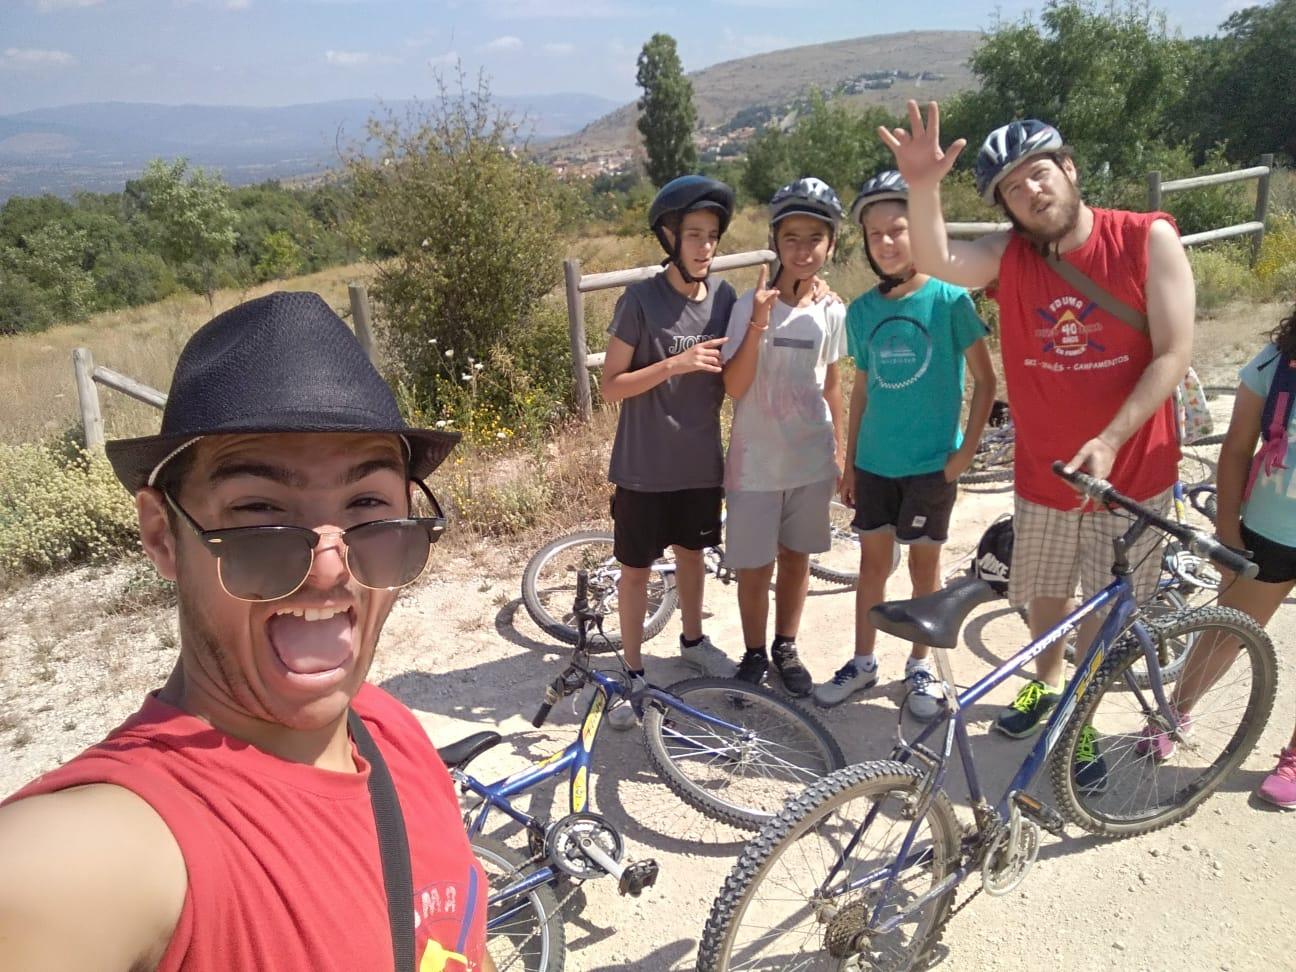 Ruta en bici cerca de madrid